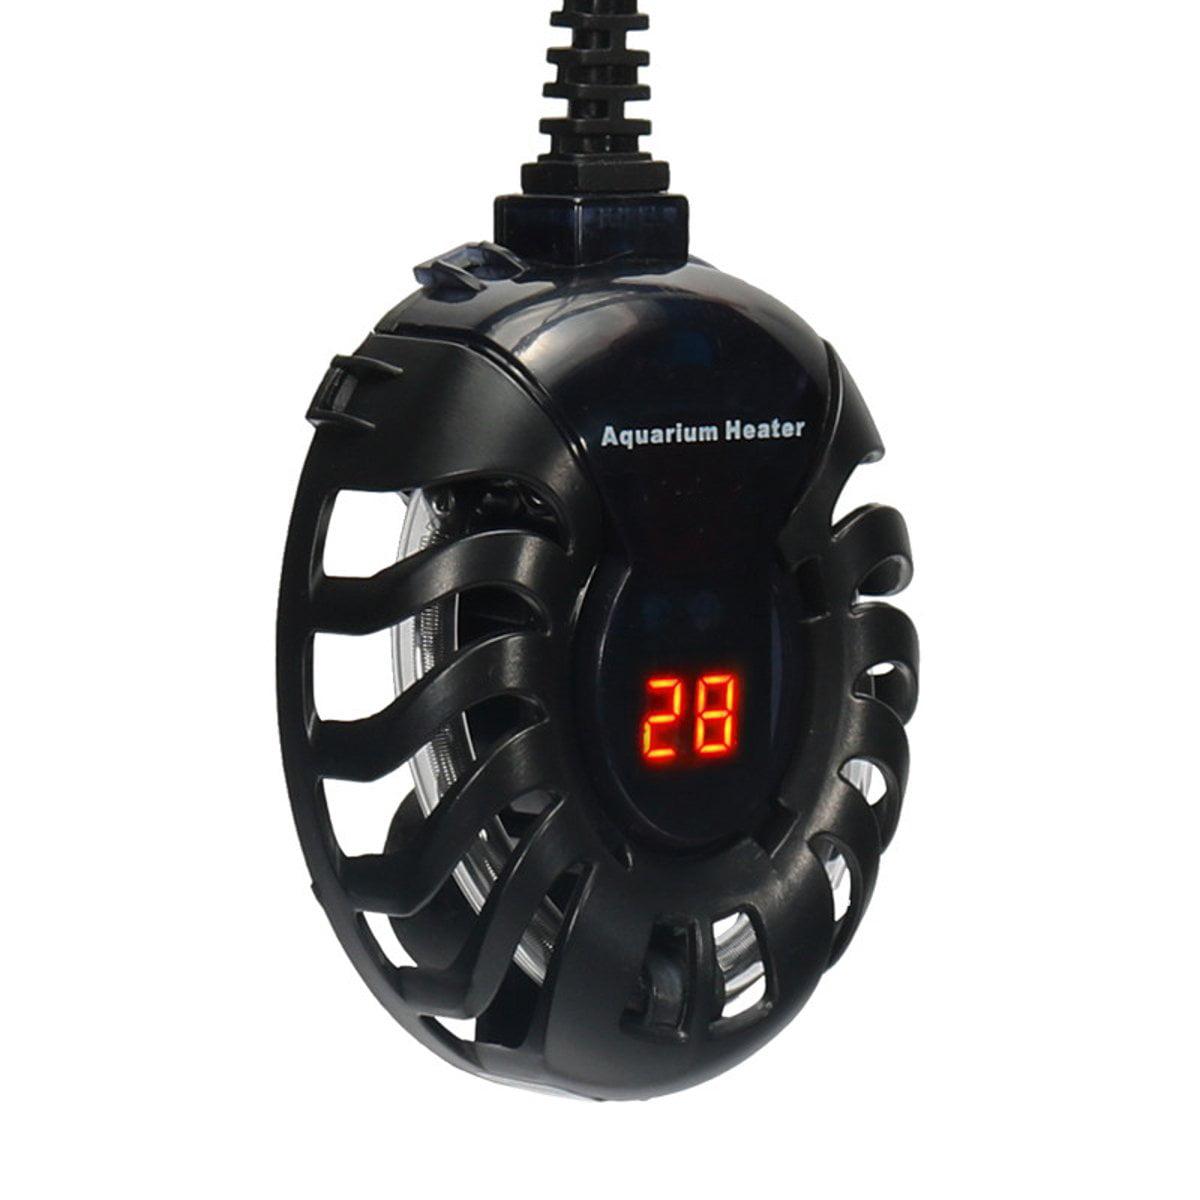 Submersible Heater 20-100W Aquarium Heater Digital Temperature Controller for Aquarium Glass Fish Tank Turtle Tank 5/10/25 Gallon